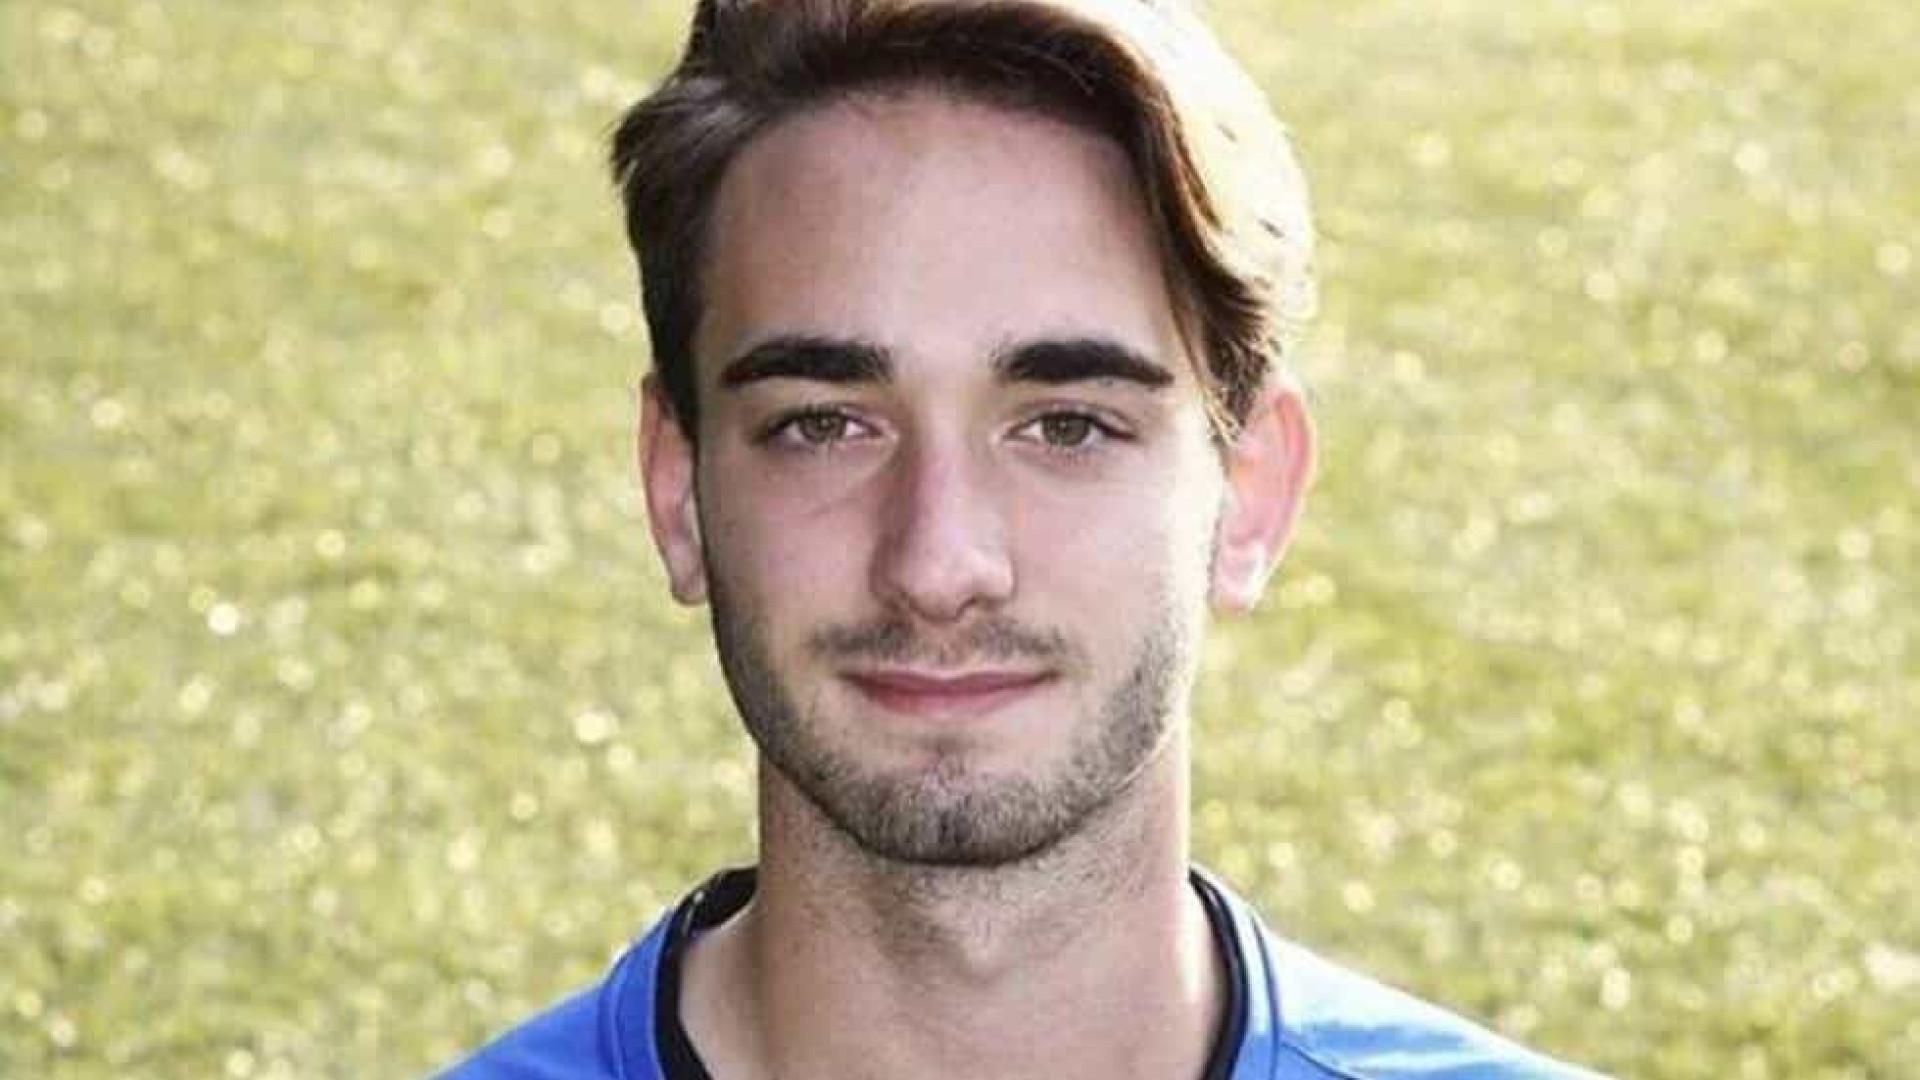 Jogador de futebol de 19 anos morre após treino na Itália